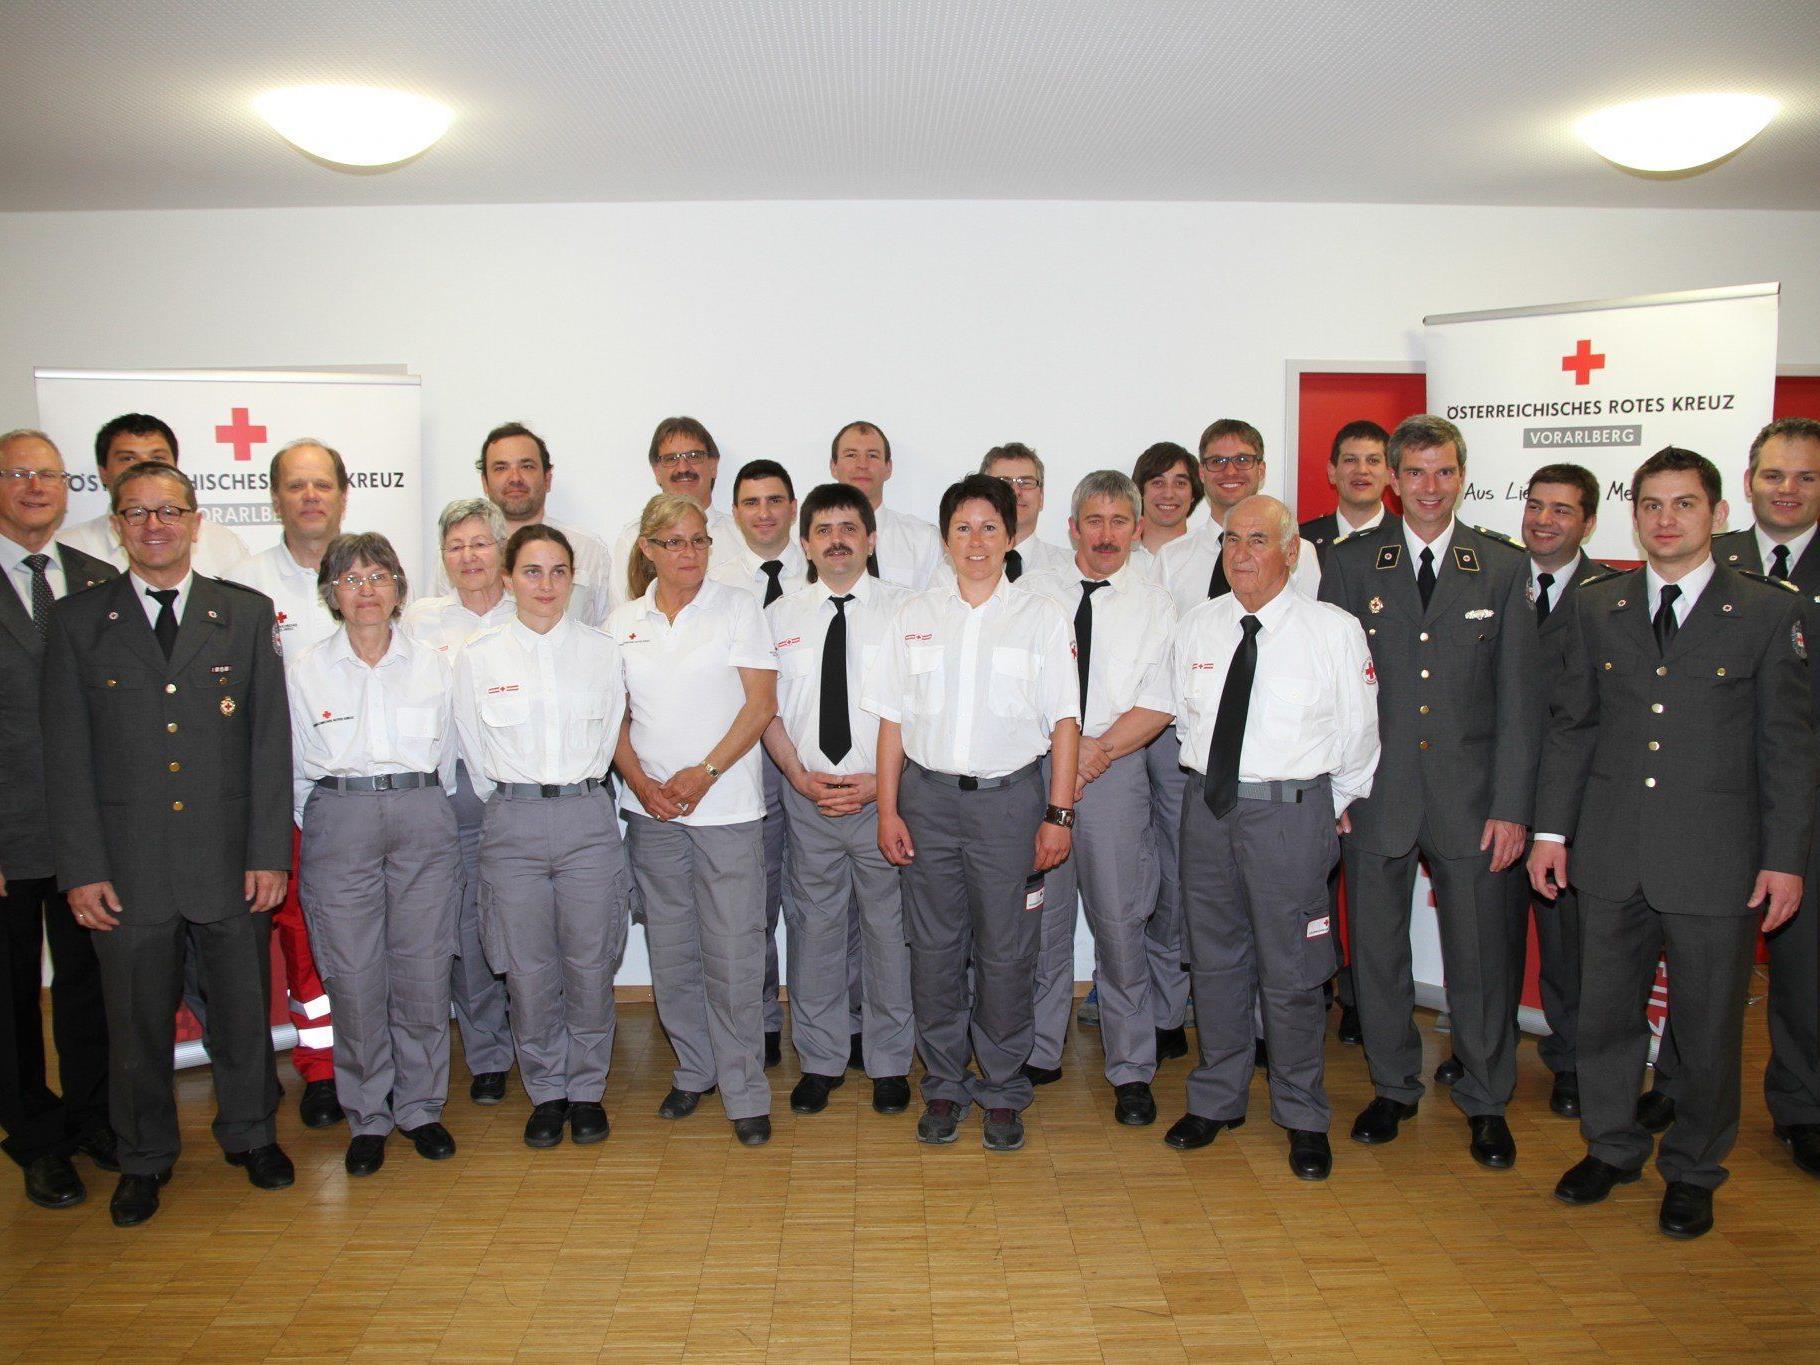 alle Geerhten Mitarbeiter der Rotkreuz-Abteilung Bludenz – St. Gallenkirch - Sonntag.